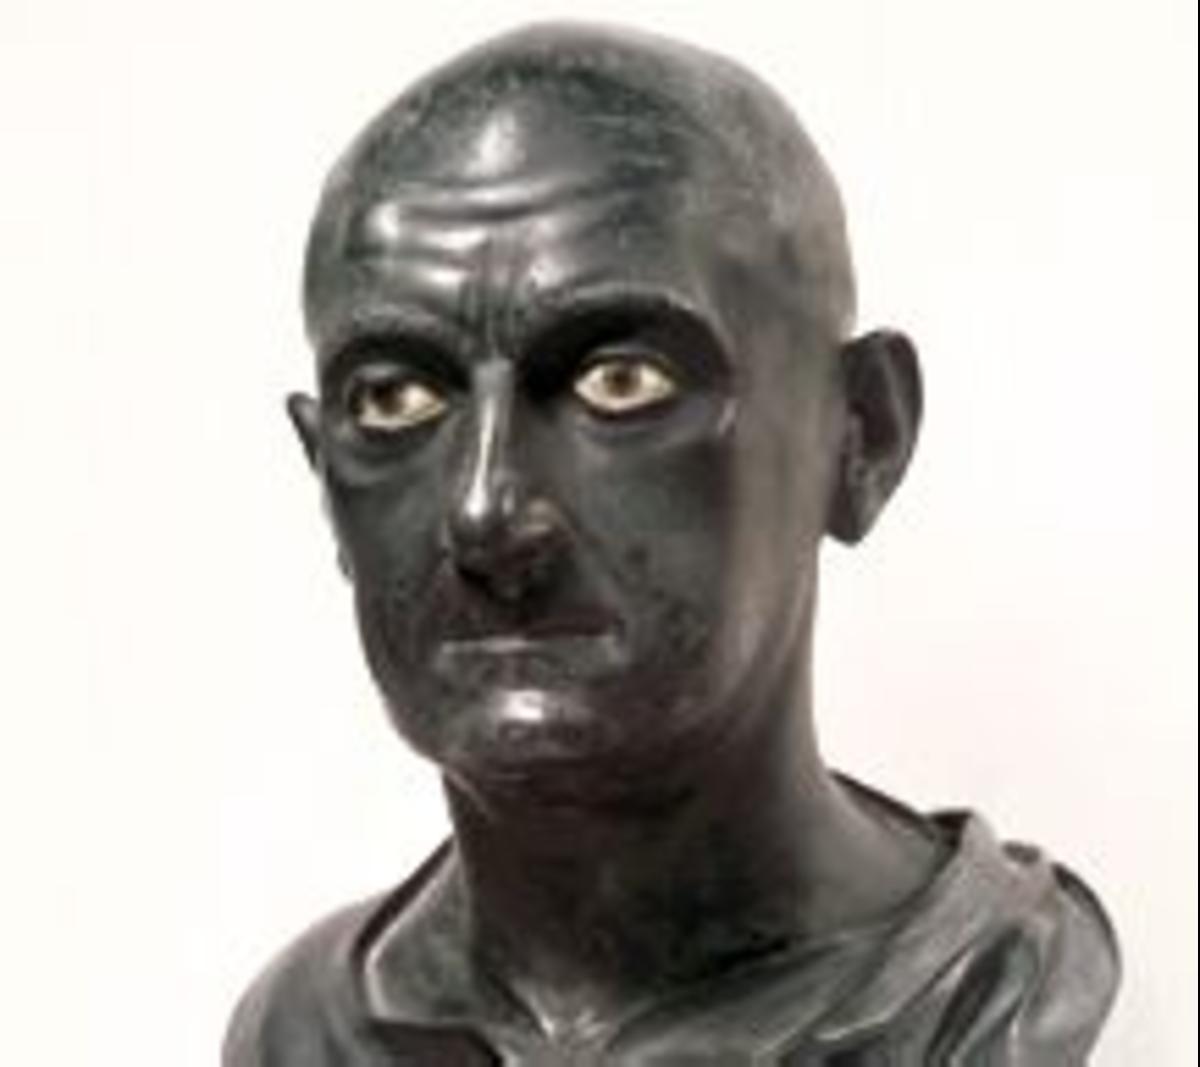 Scipio Africanus bust